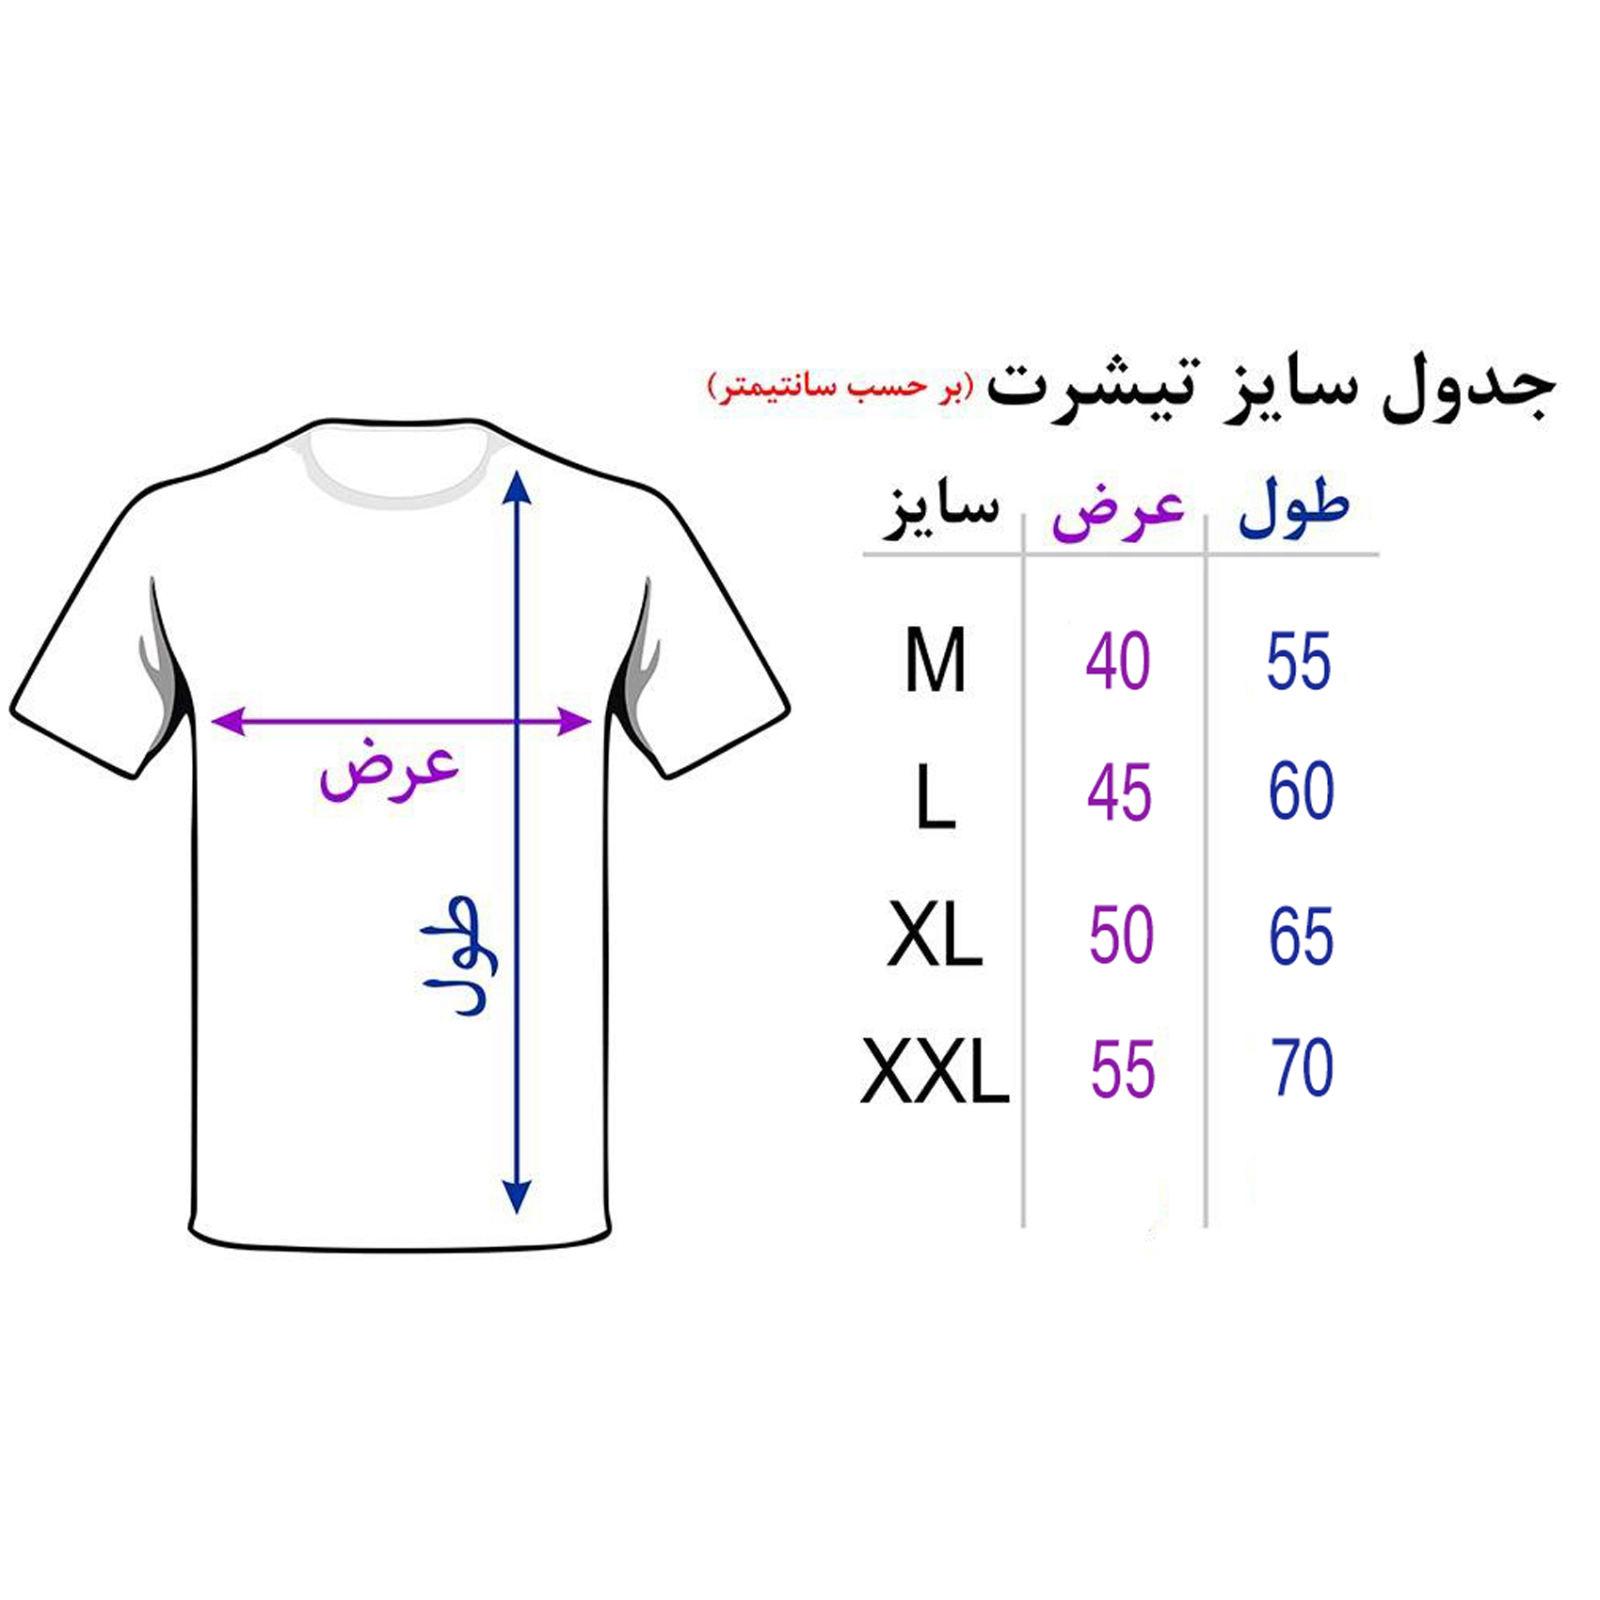 تی شرت آستین کوتاه مردانه 27 طرح دست کد TR06 رنگ مشکی -  - 4